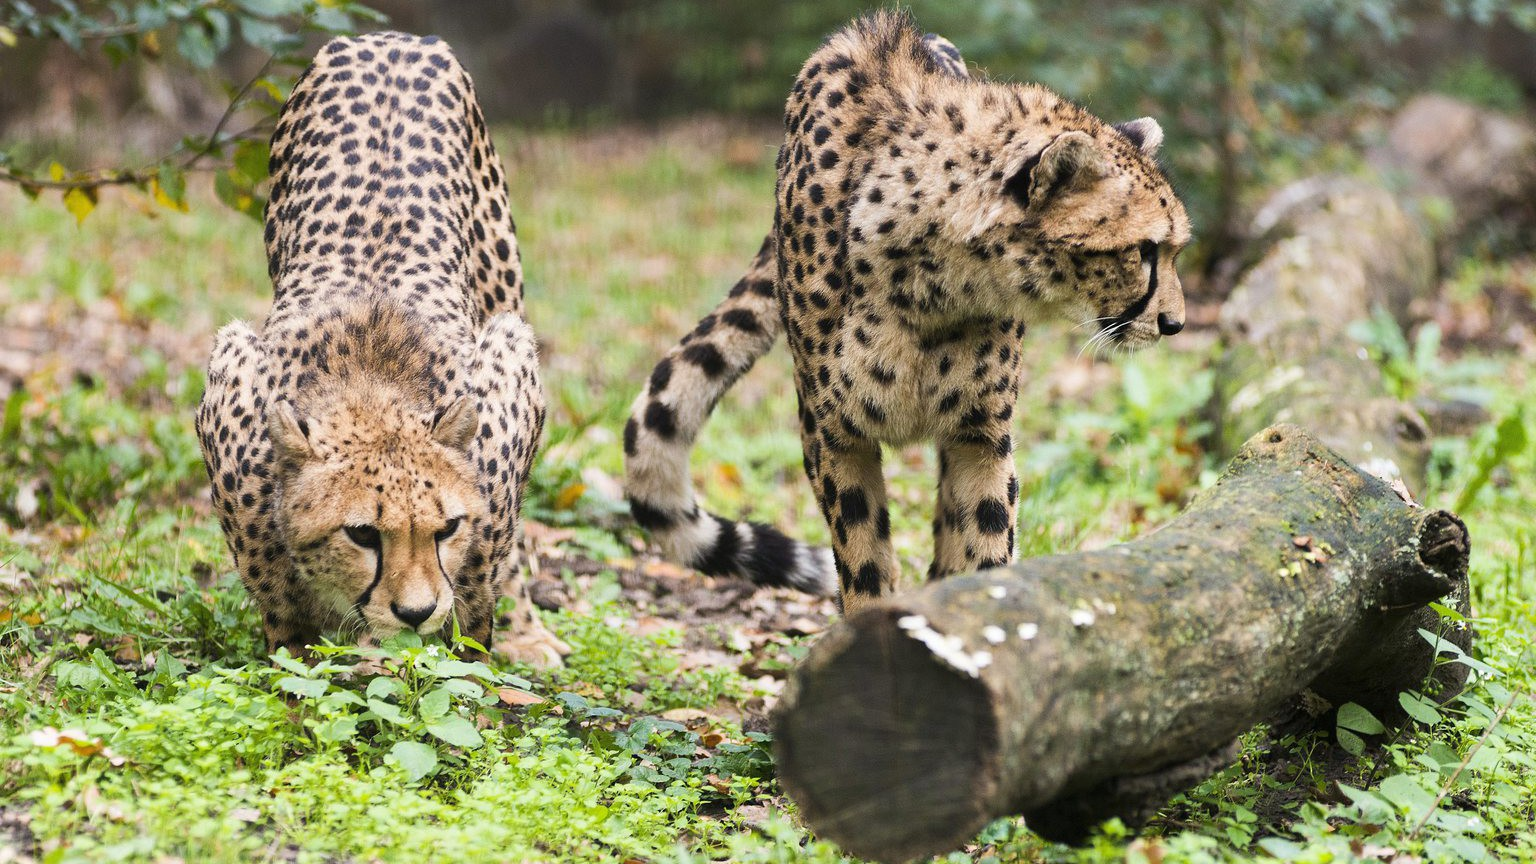 Taiga és Tiara, a Nyíregyházi Állatpark két új nőstény gepárdja (Acinonyx jubatus) a park Tarzan ösvényének kifutójában (MTI Fotó: Balázs Attila)